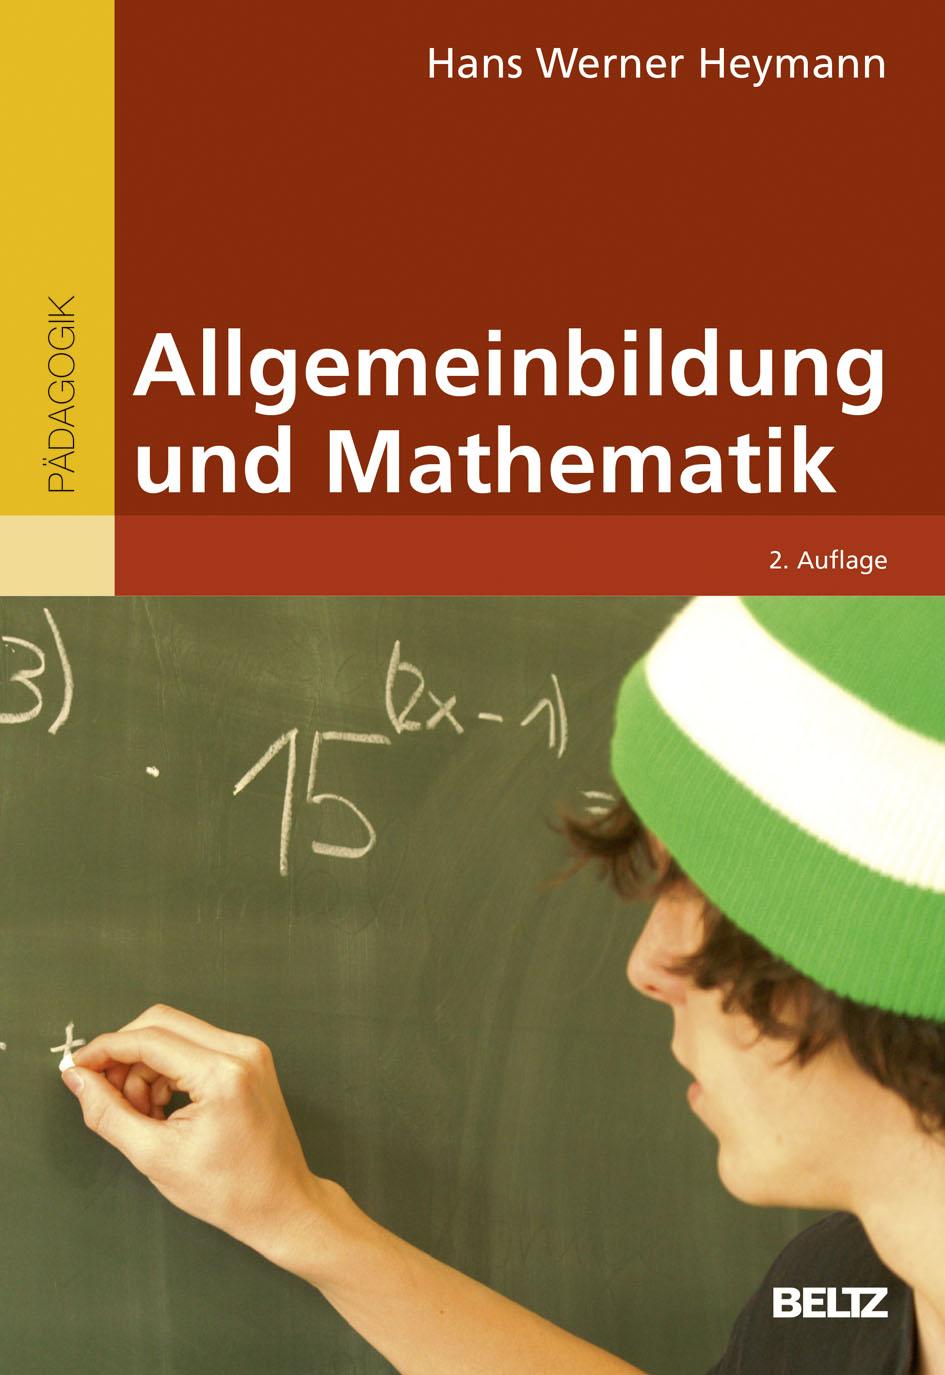 Allgemeinbildung und Mathematik - - Hans Werner Heymann   BELTZ